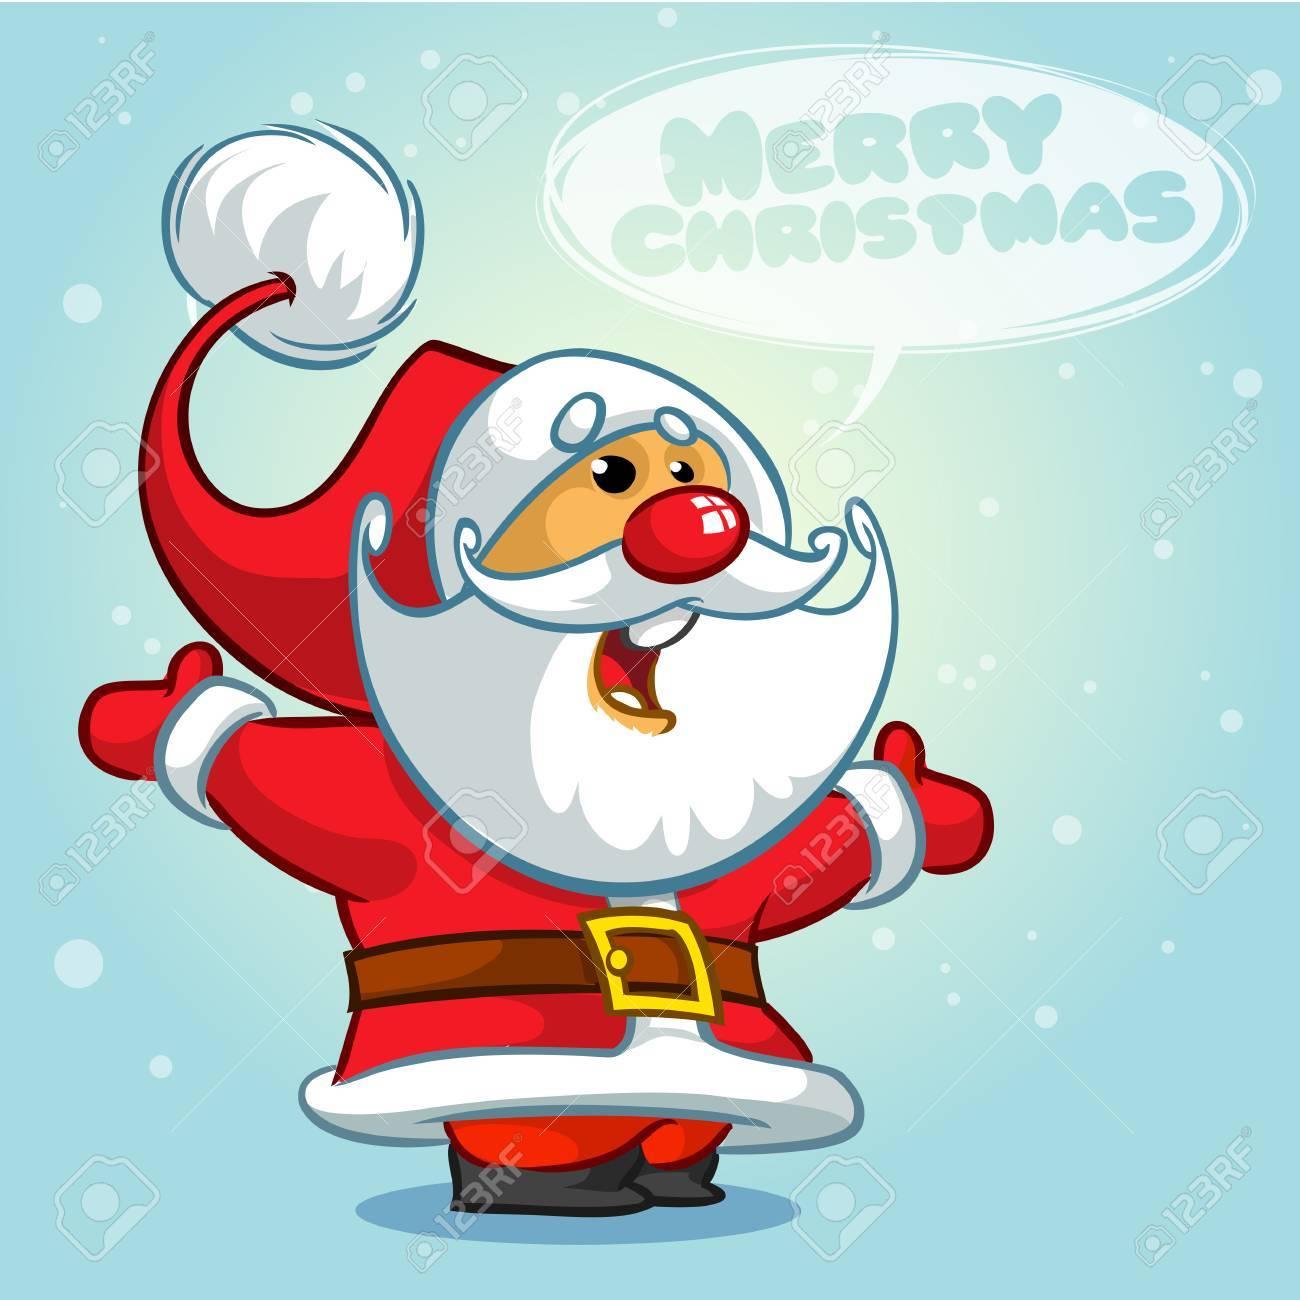 Weihnachten Santa Claus Mit Blase. Grußkarte Hintergrund Poster ...